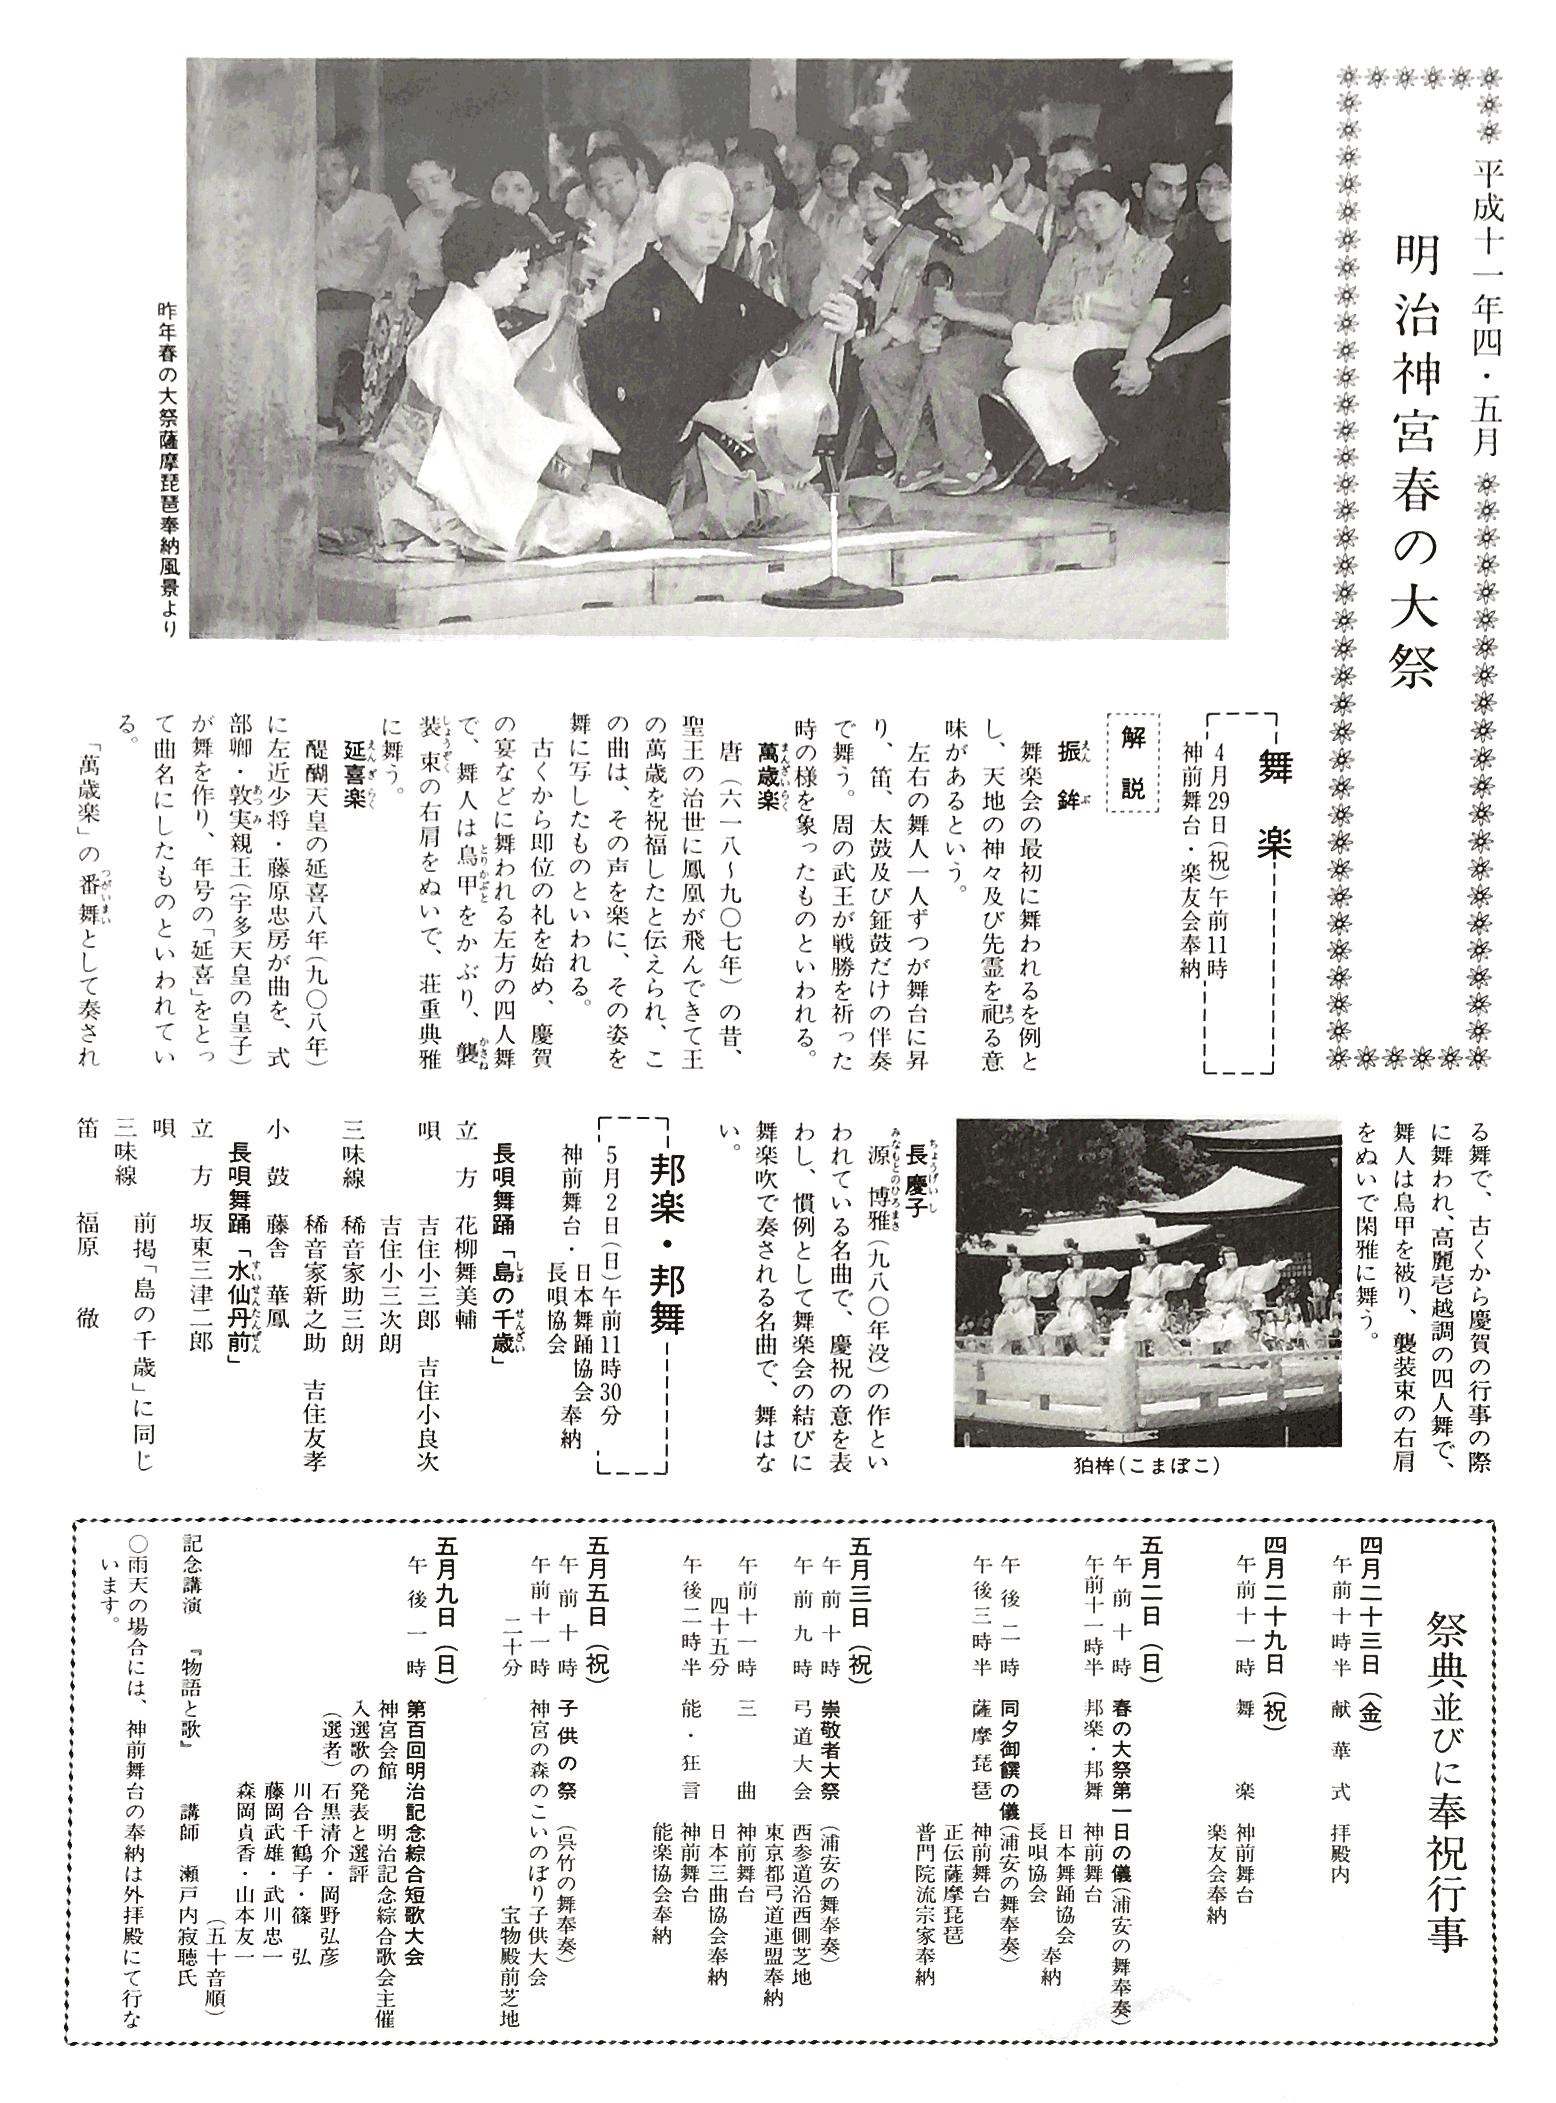 1999年5月3日 明治神宮外春の大祭「経政」